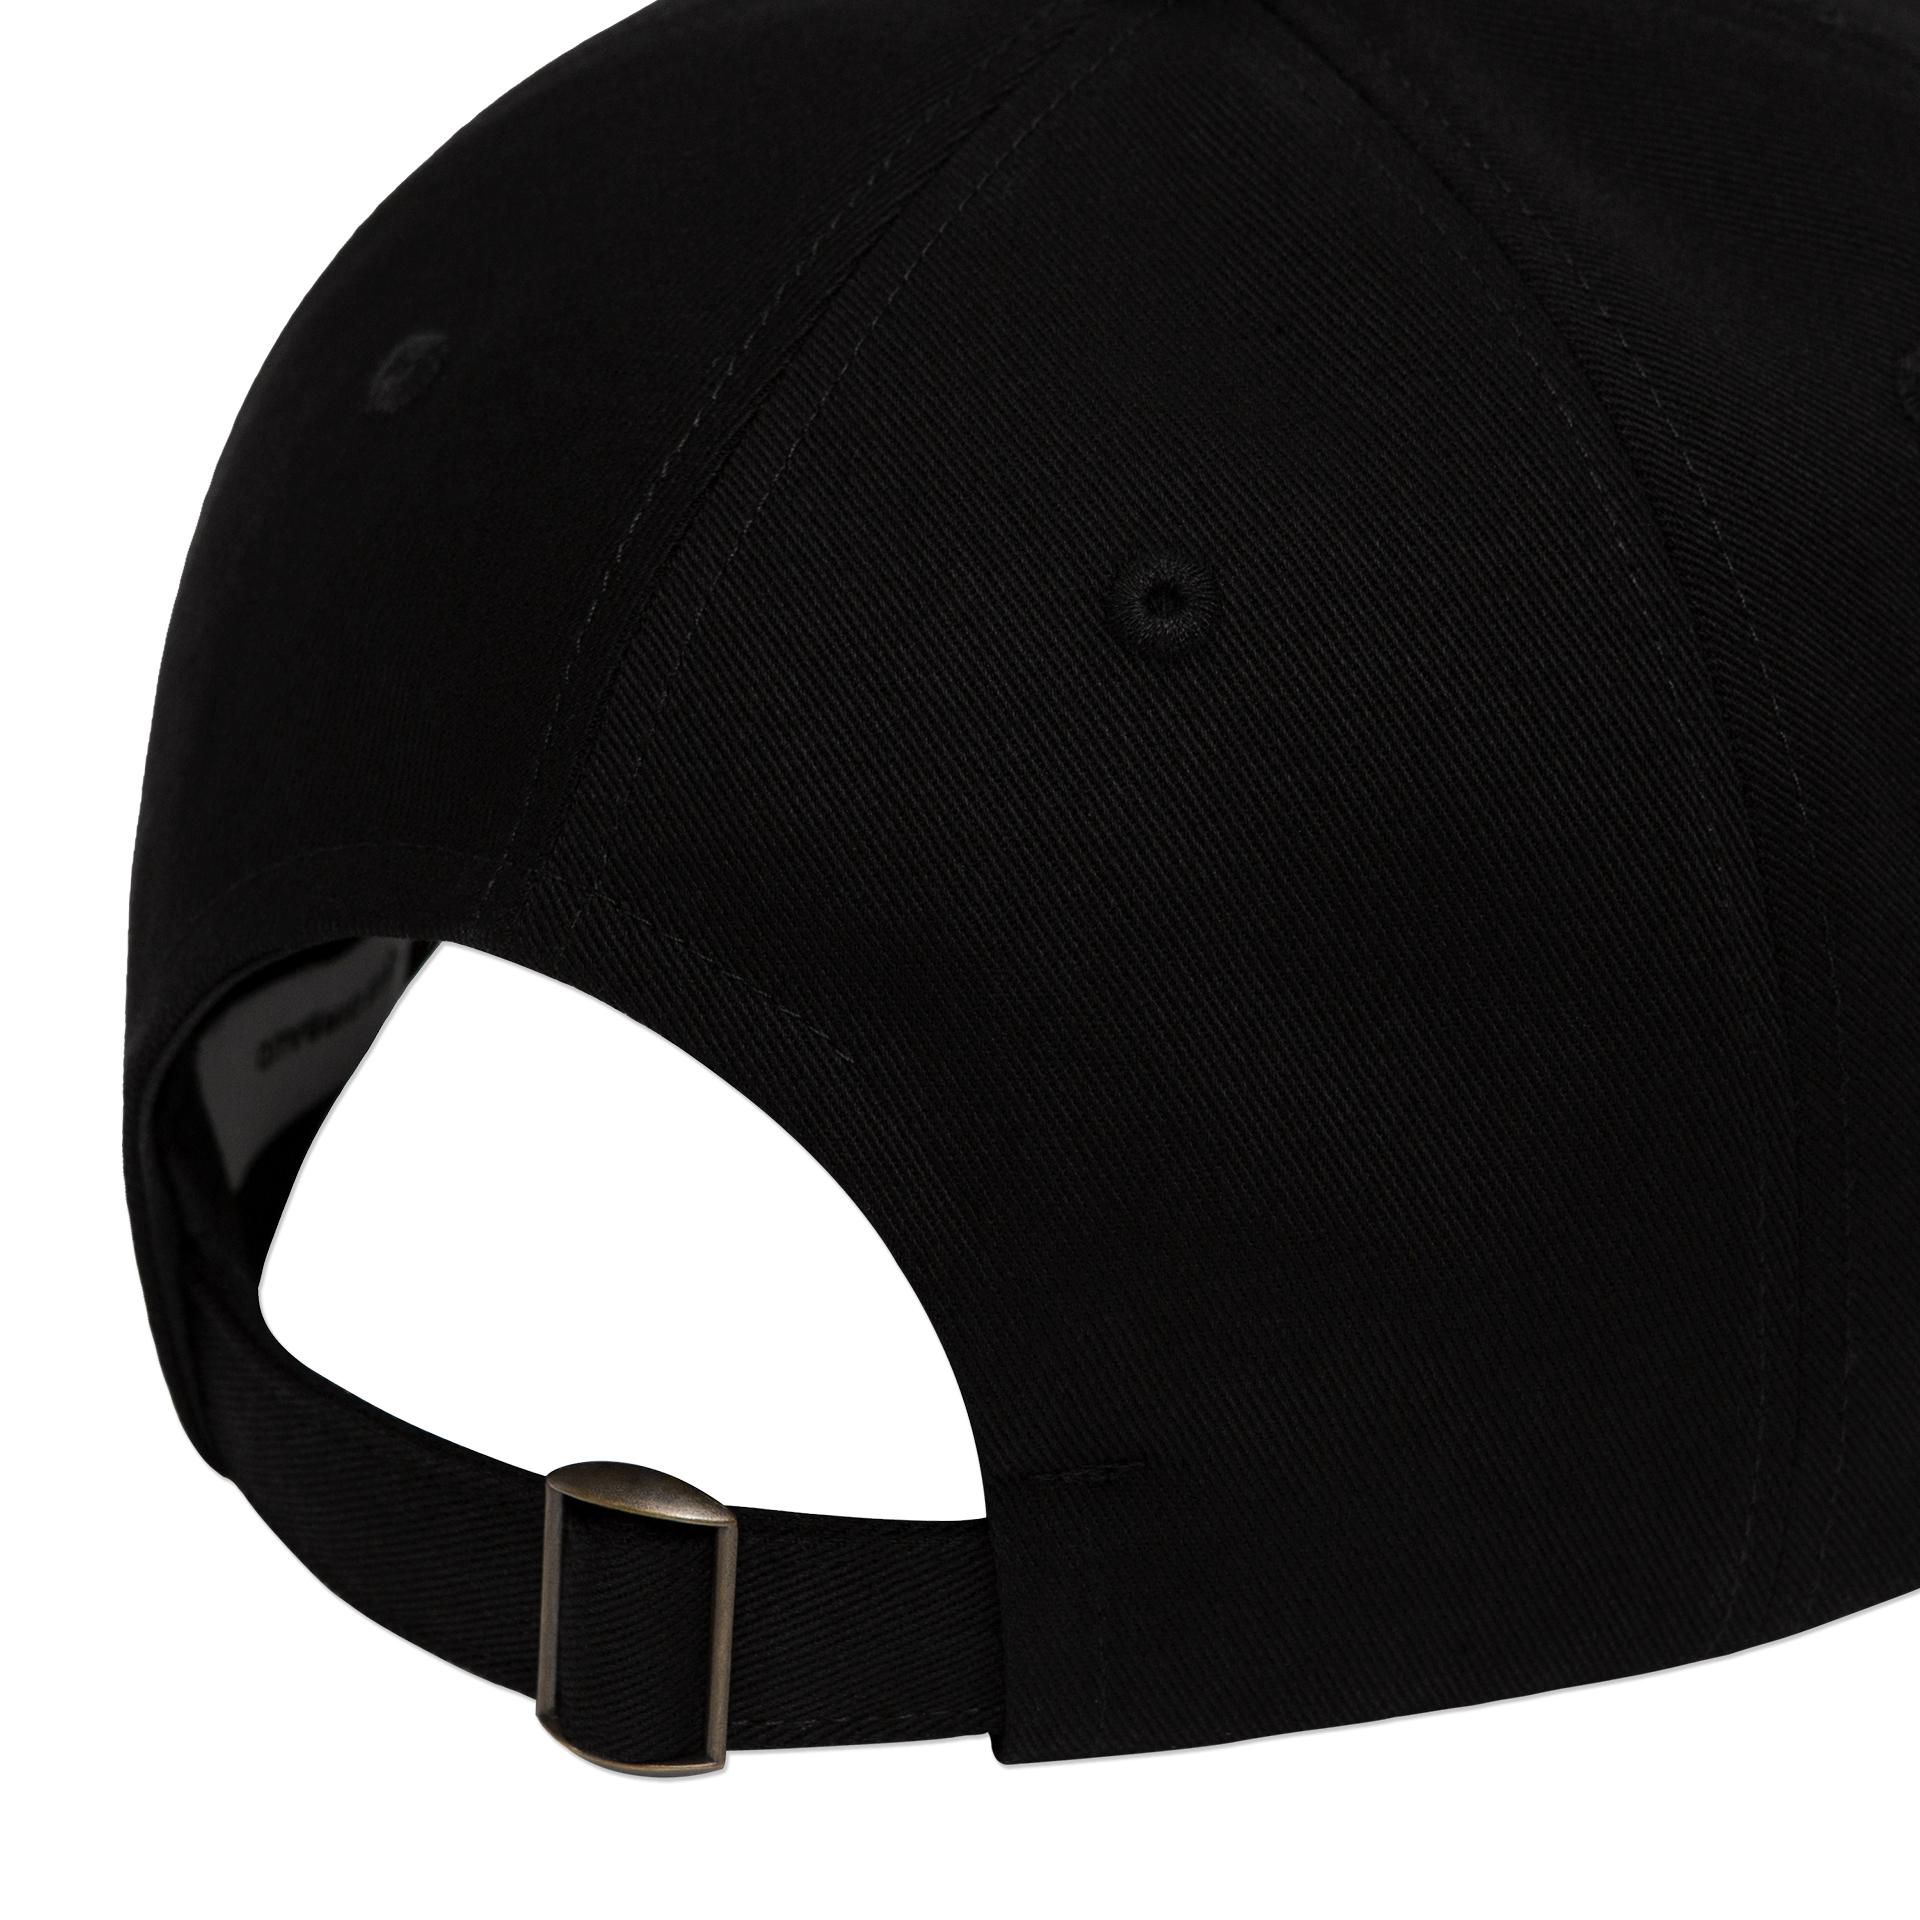 마리떼 프랑소와 저버(MARITHE FRANCOIS GIRBAUD) MFG CLASSIC LOGO CAP black